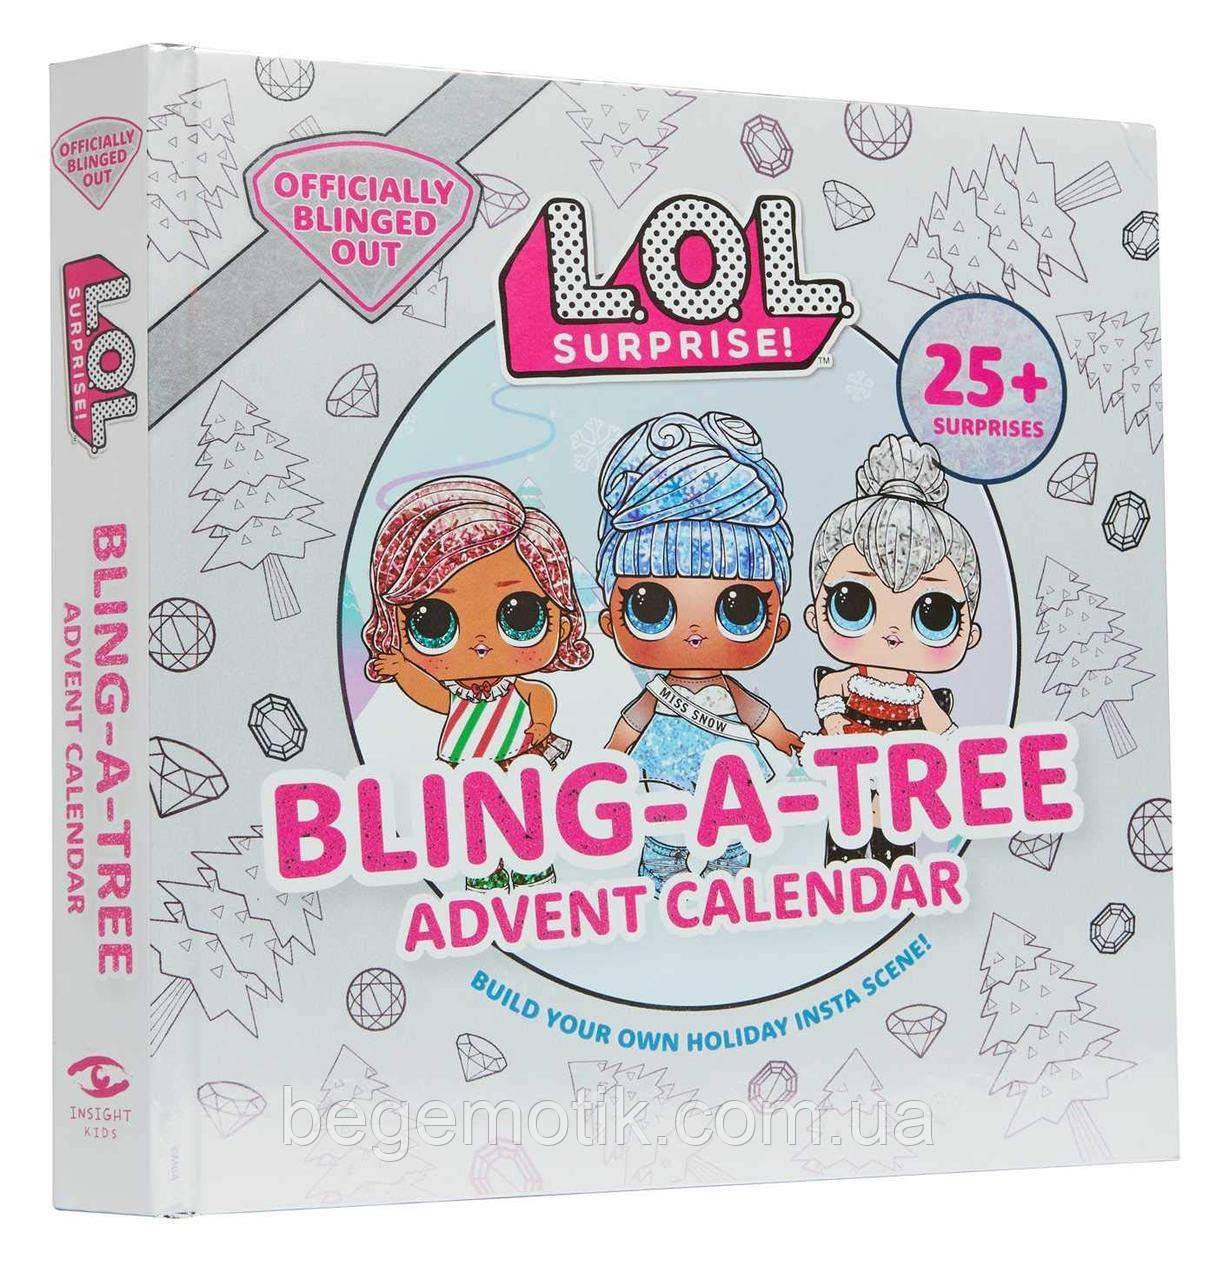 Лол набор для творчества Рождественский календарь с елкой ЛОЛ L.O.L. Surprise! Bling-A-Tree Advent Calendar